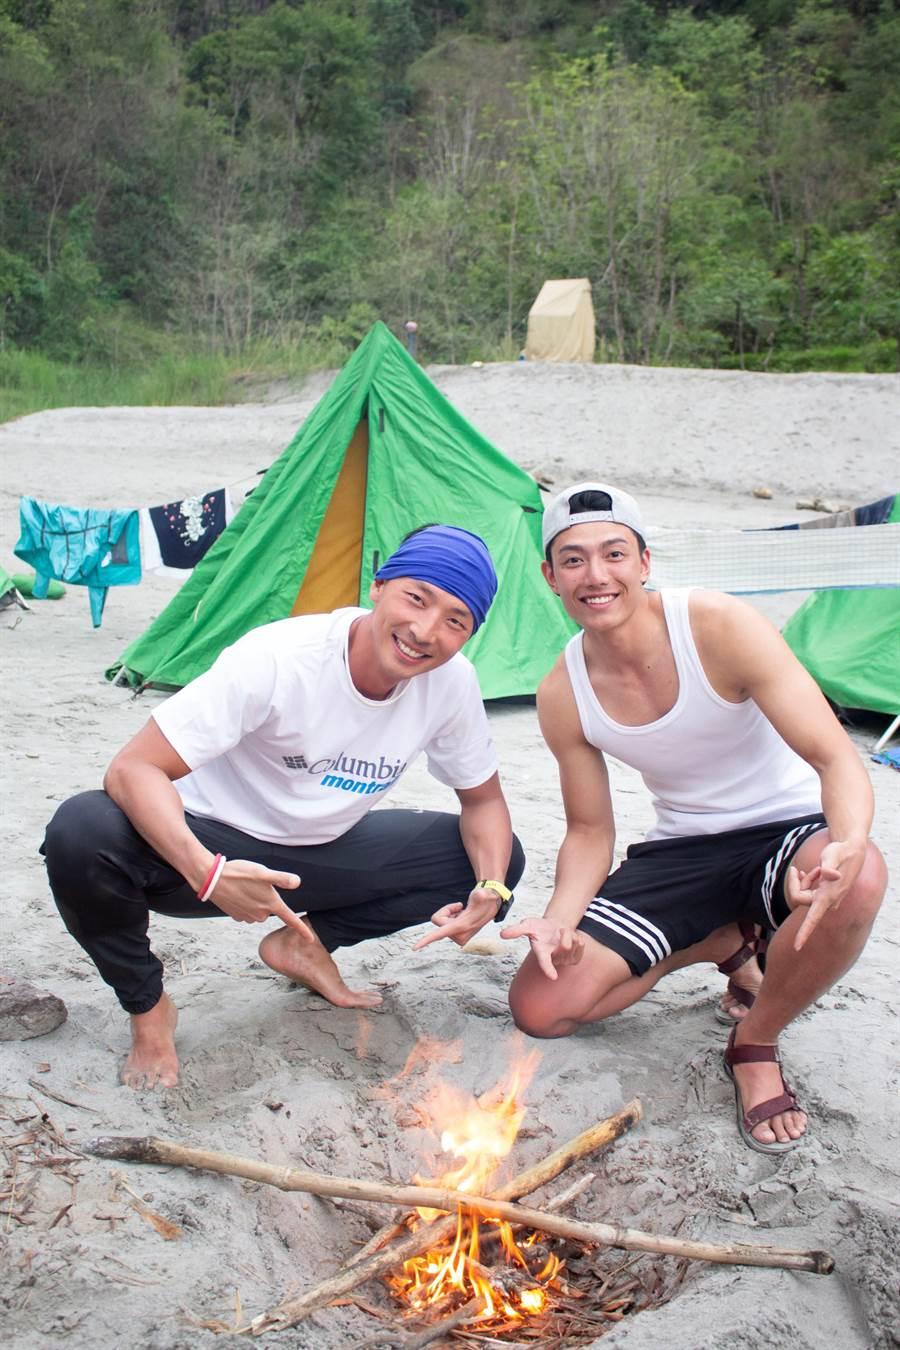 賴東賢與賴俊龍造訪尼泊爾深山部落。(圖片提供:三立)